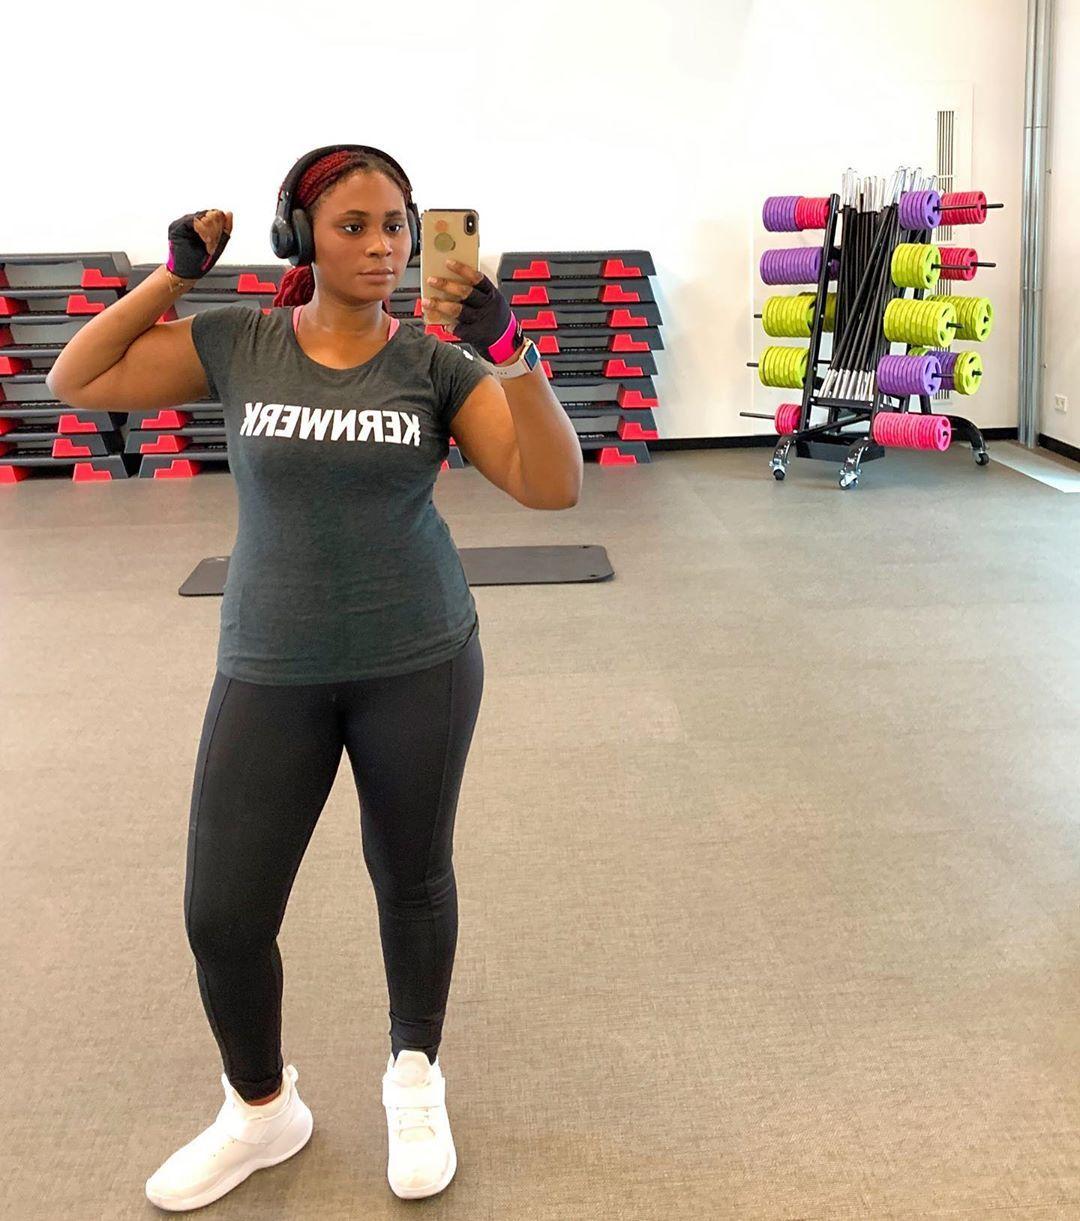 Hallo meine lieben  Ich probiere gerade das Fitnessprogramm @kernwerktraining aus.  Mir selber würde...